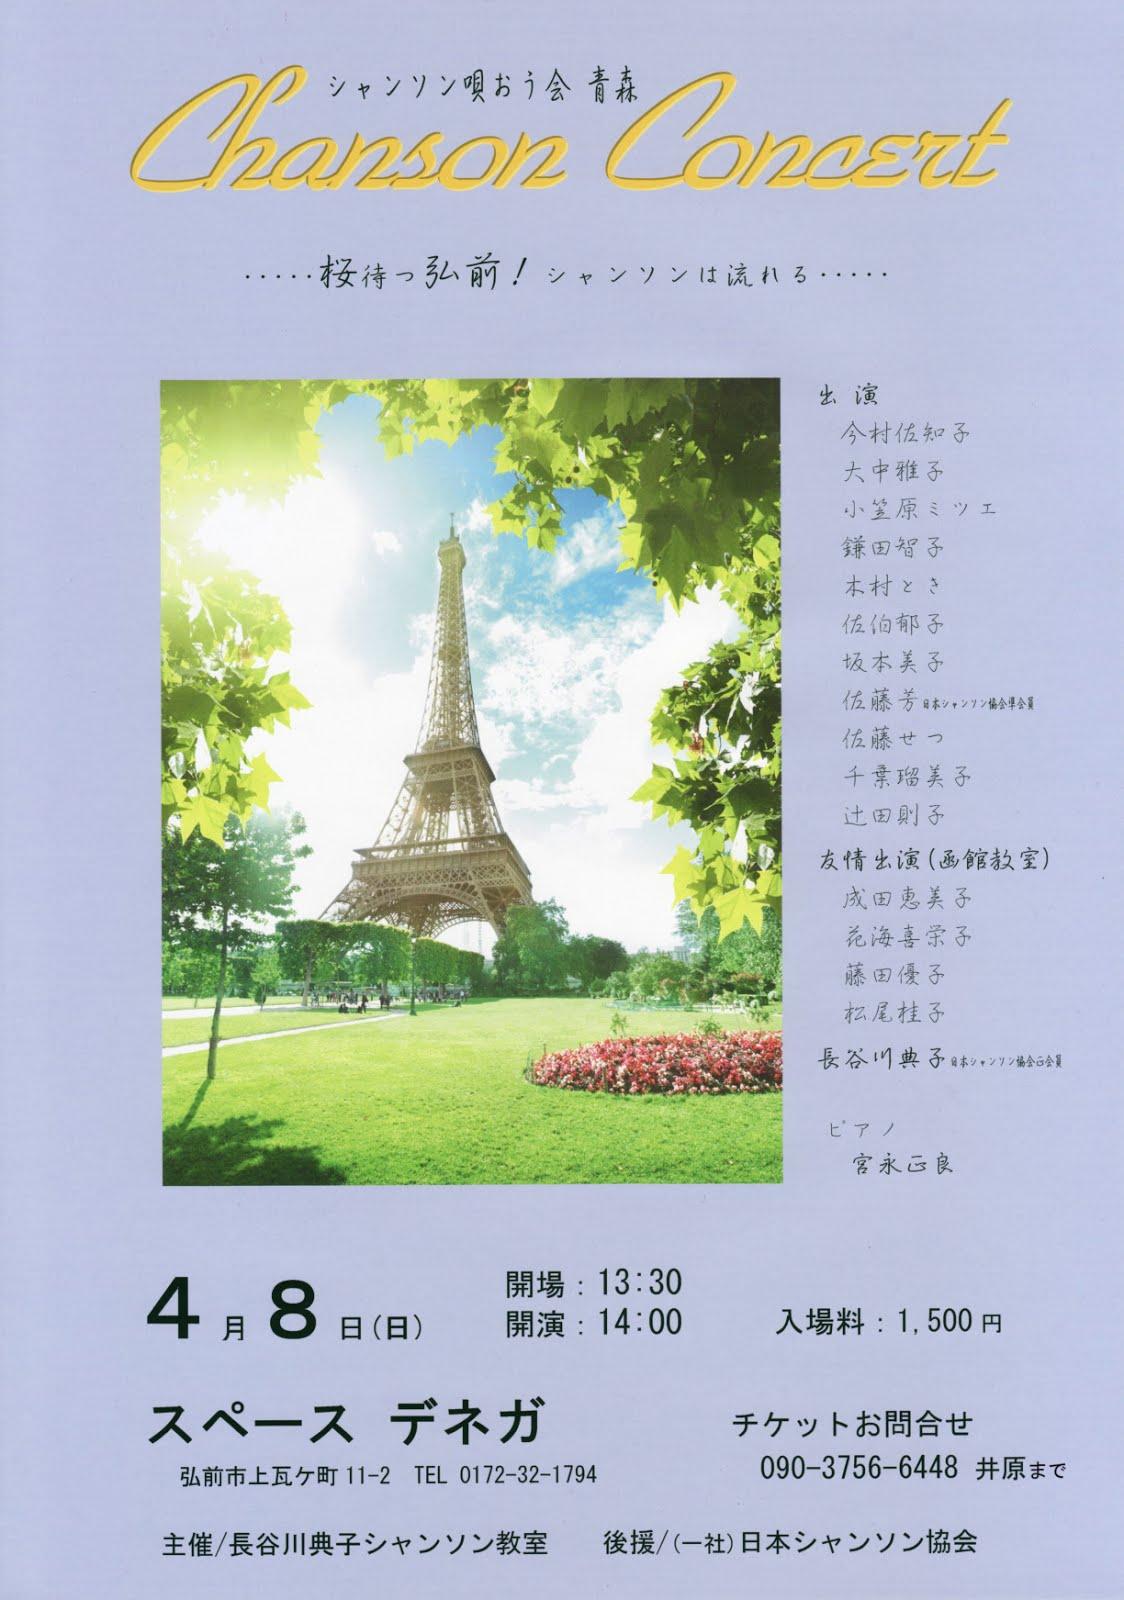 シャンソン唄おう会青森 Chanson Concert